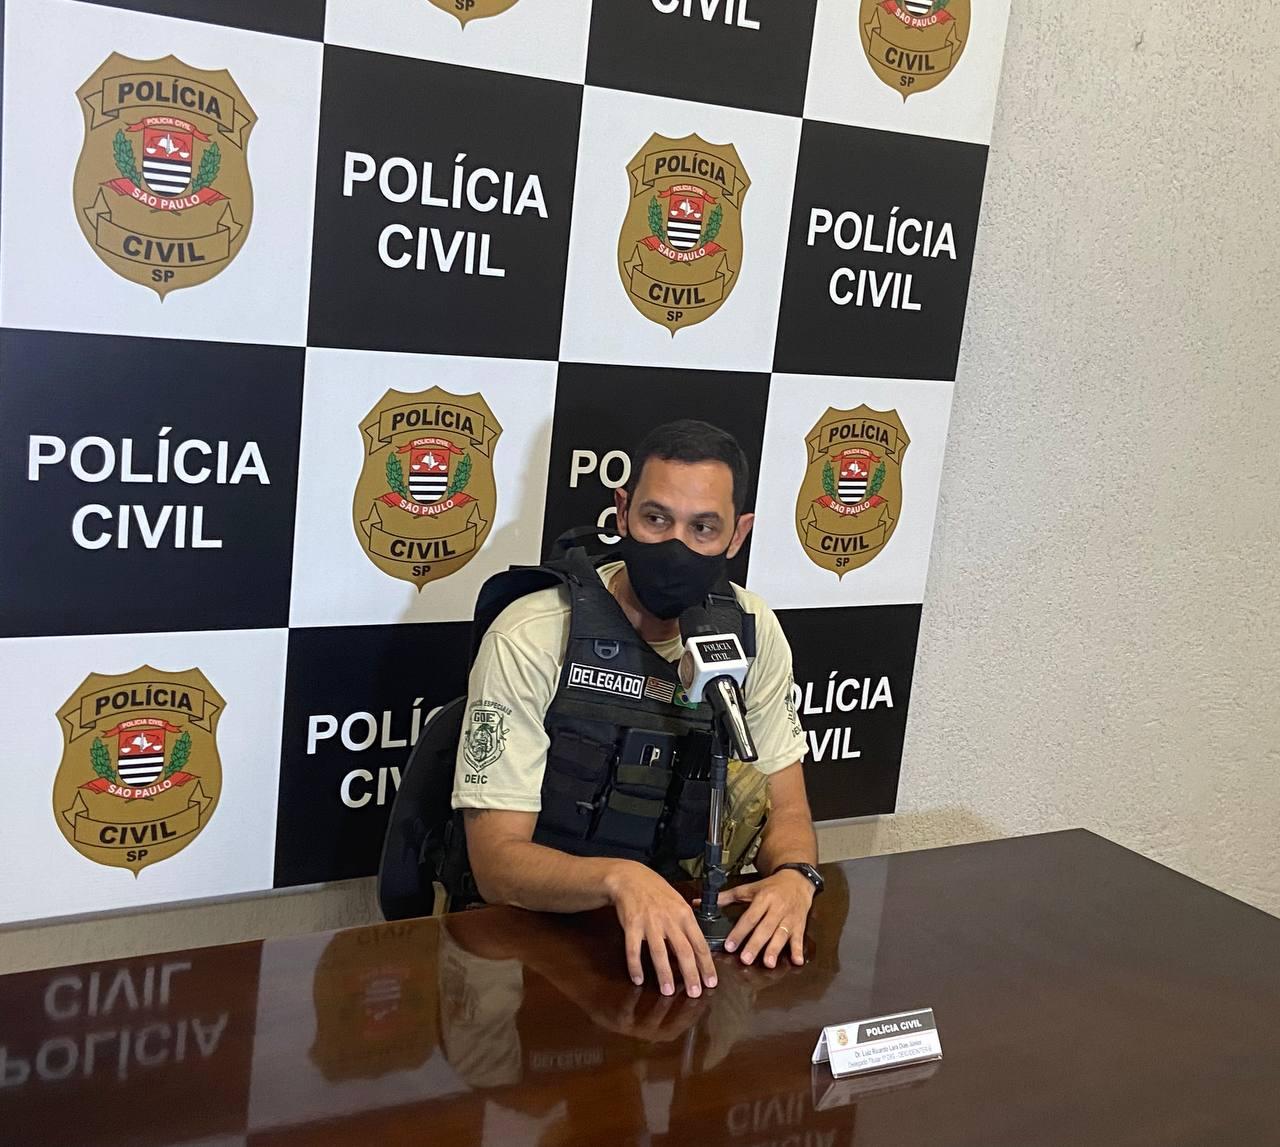 O delegado Luiz Ricardo de Lara Dias Júnior, responsável pela operação, em entrevista coletiva nesta quinta-feira (9) (Foto: Gilmar Alves Jr./DL)